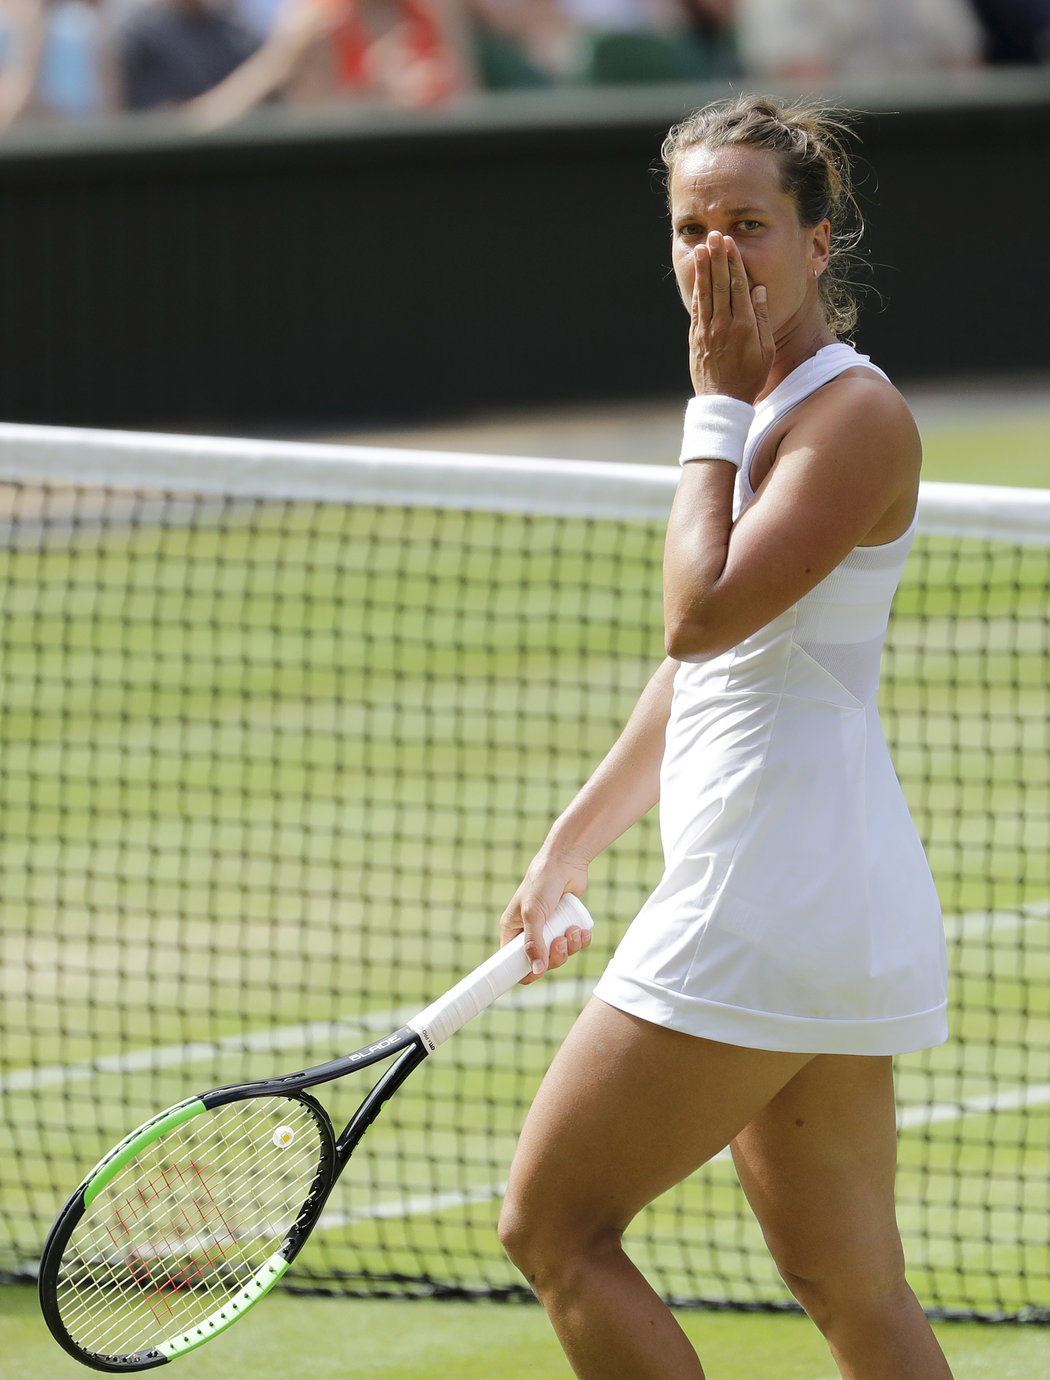 Barbora Strýcová musela v semifinále Wimbledonu uznat sílu legendární Američanky Sereny Williamsové